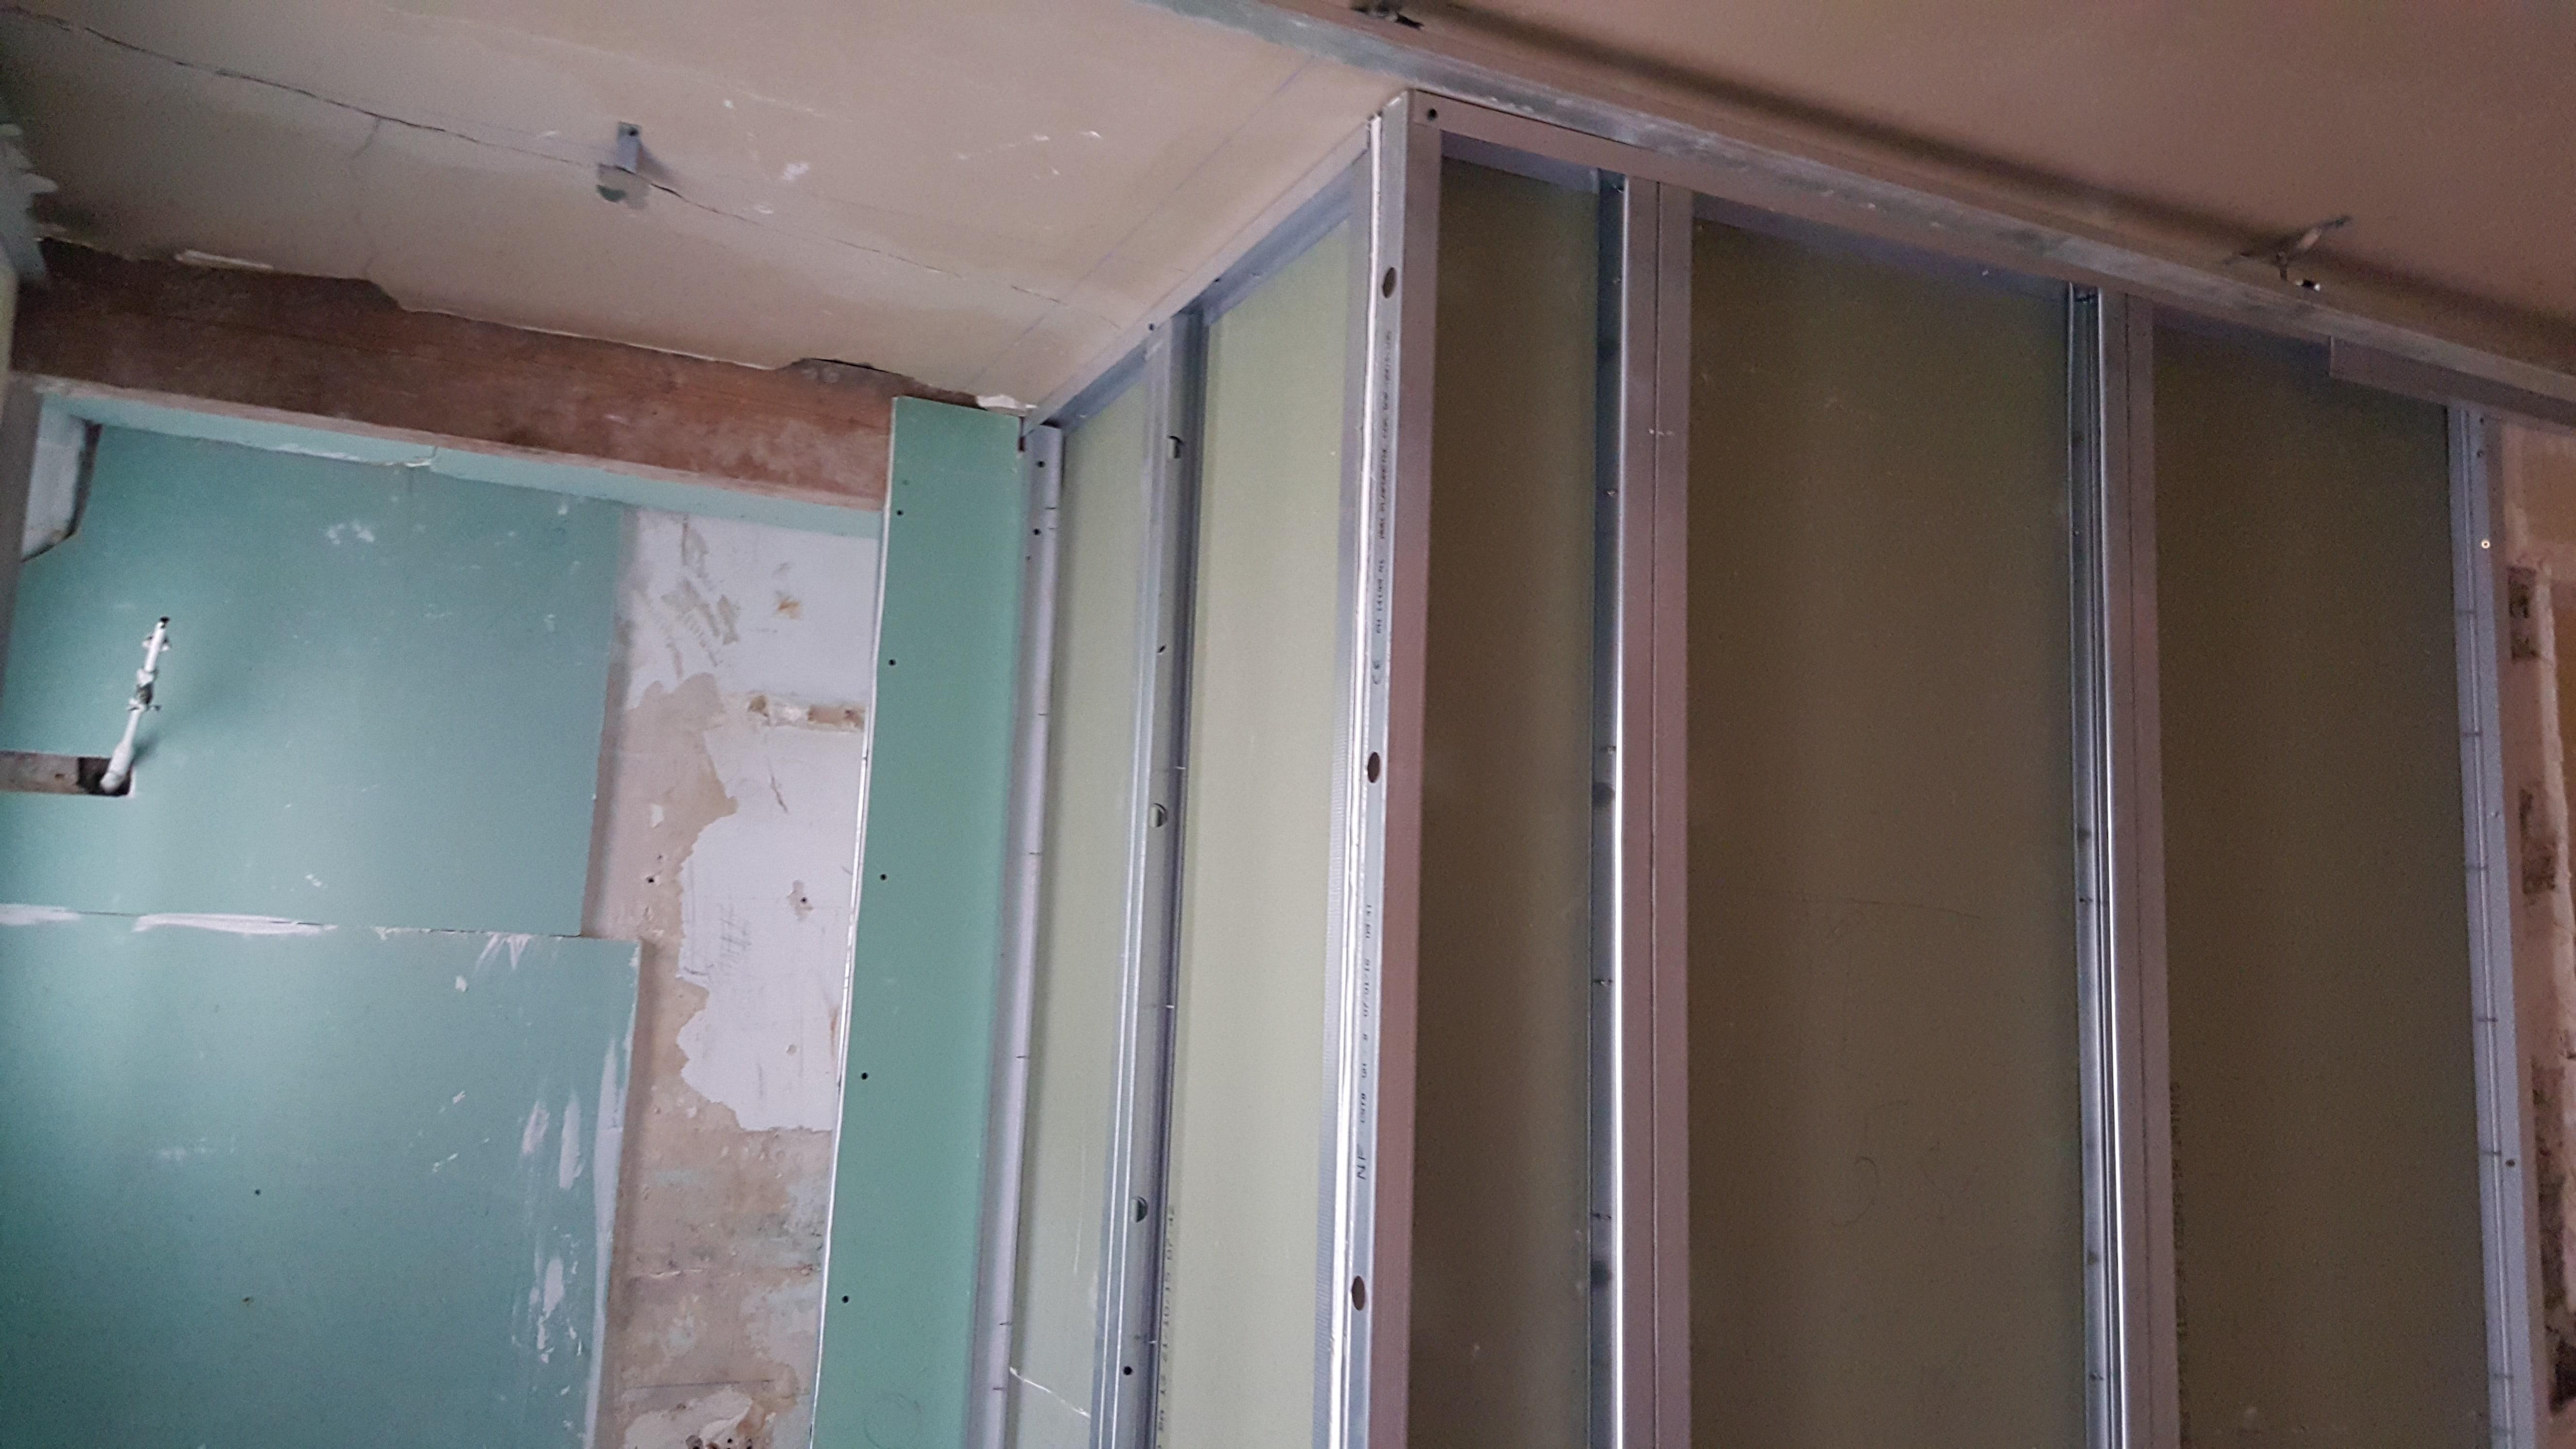 Travaux-de-renovation-a-Asnieres-d'un-studio-8-pose-de-carrelage-toile-de-verre-peinture-plomberie-electricite-texas-batiment-rge-min